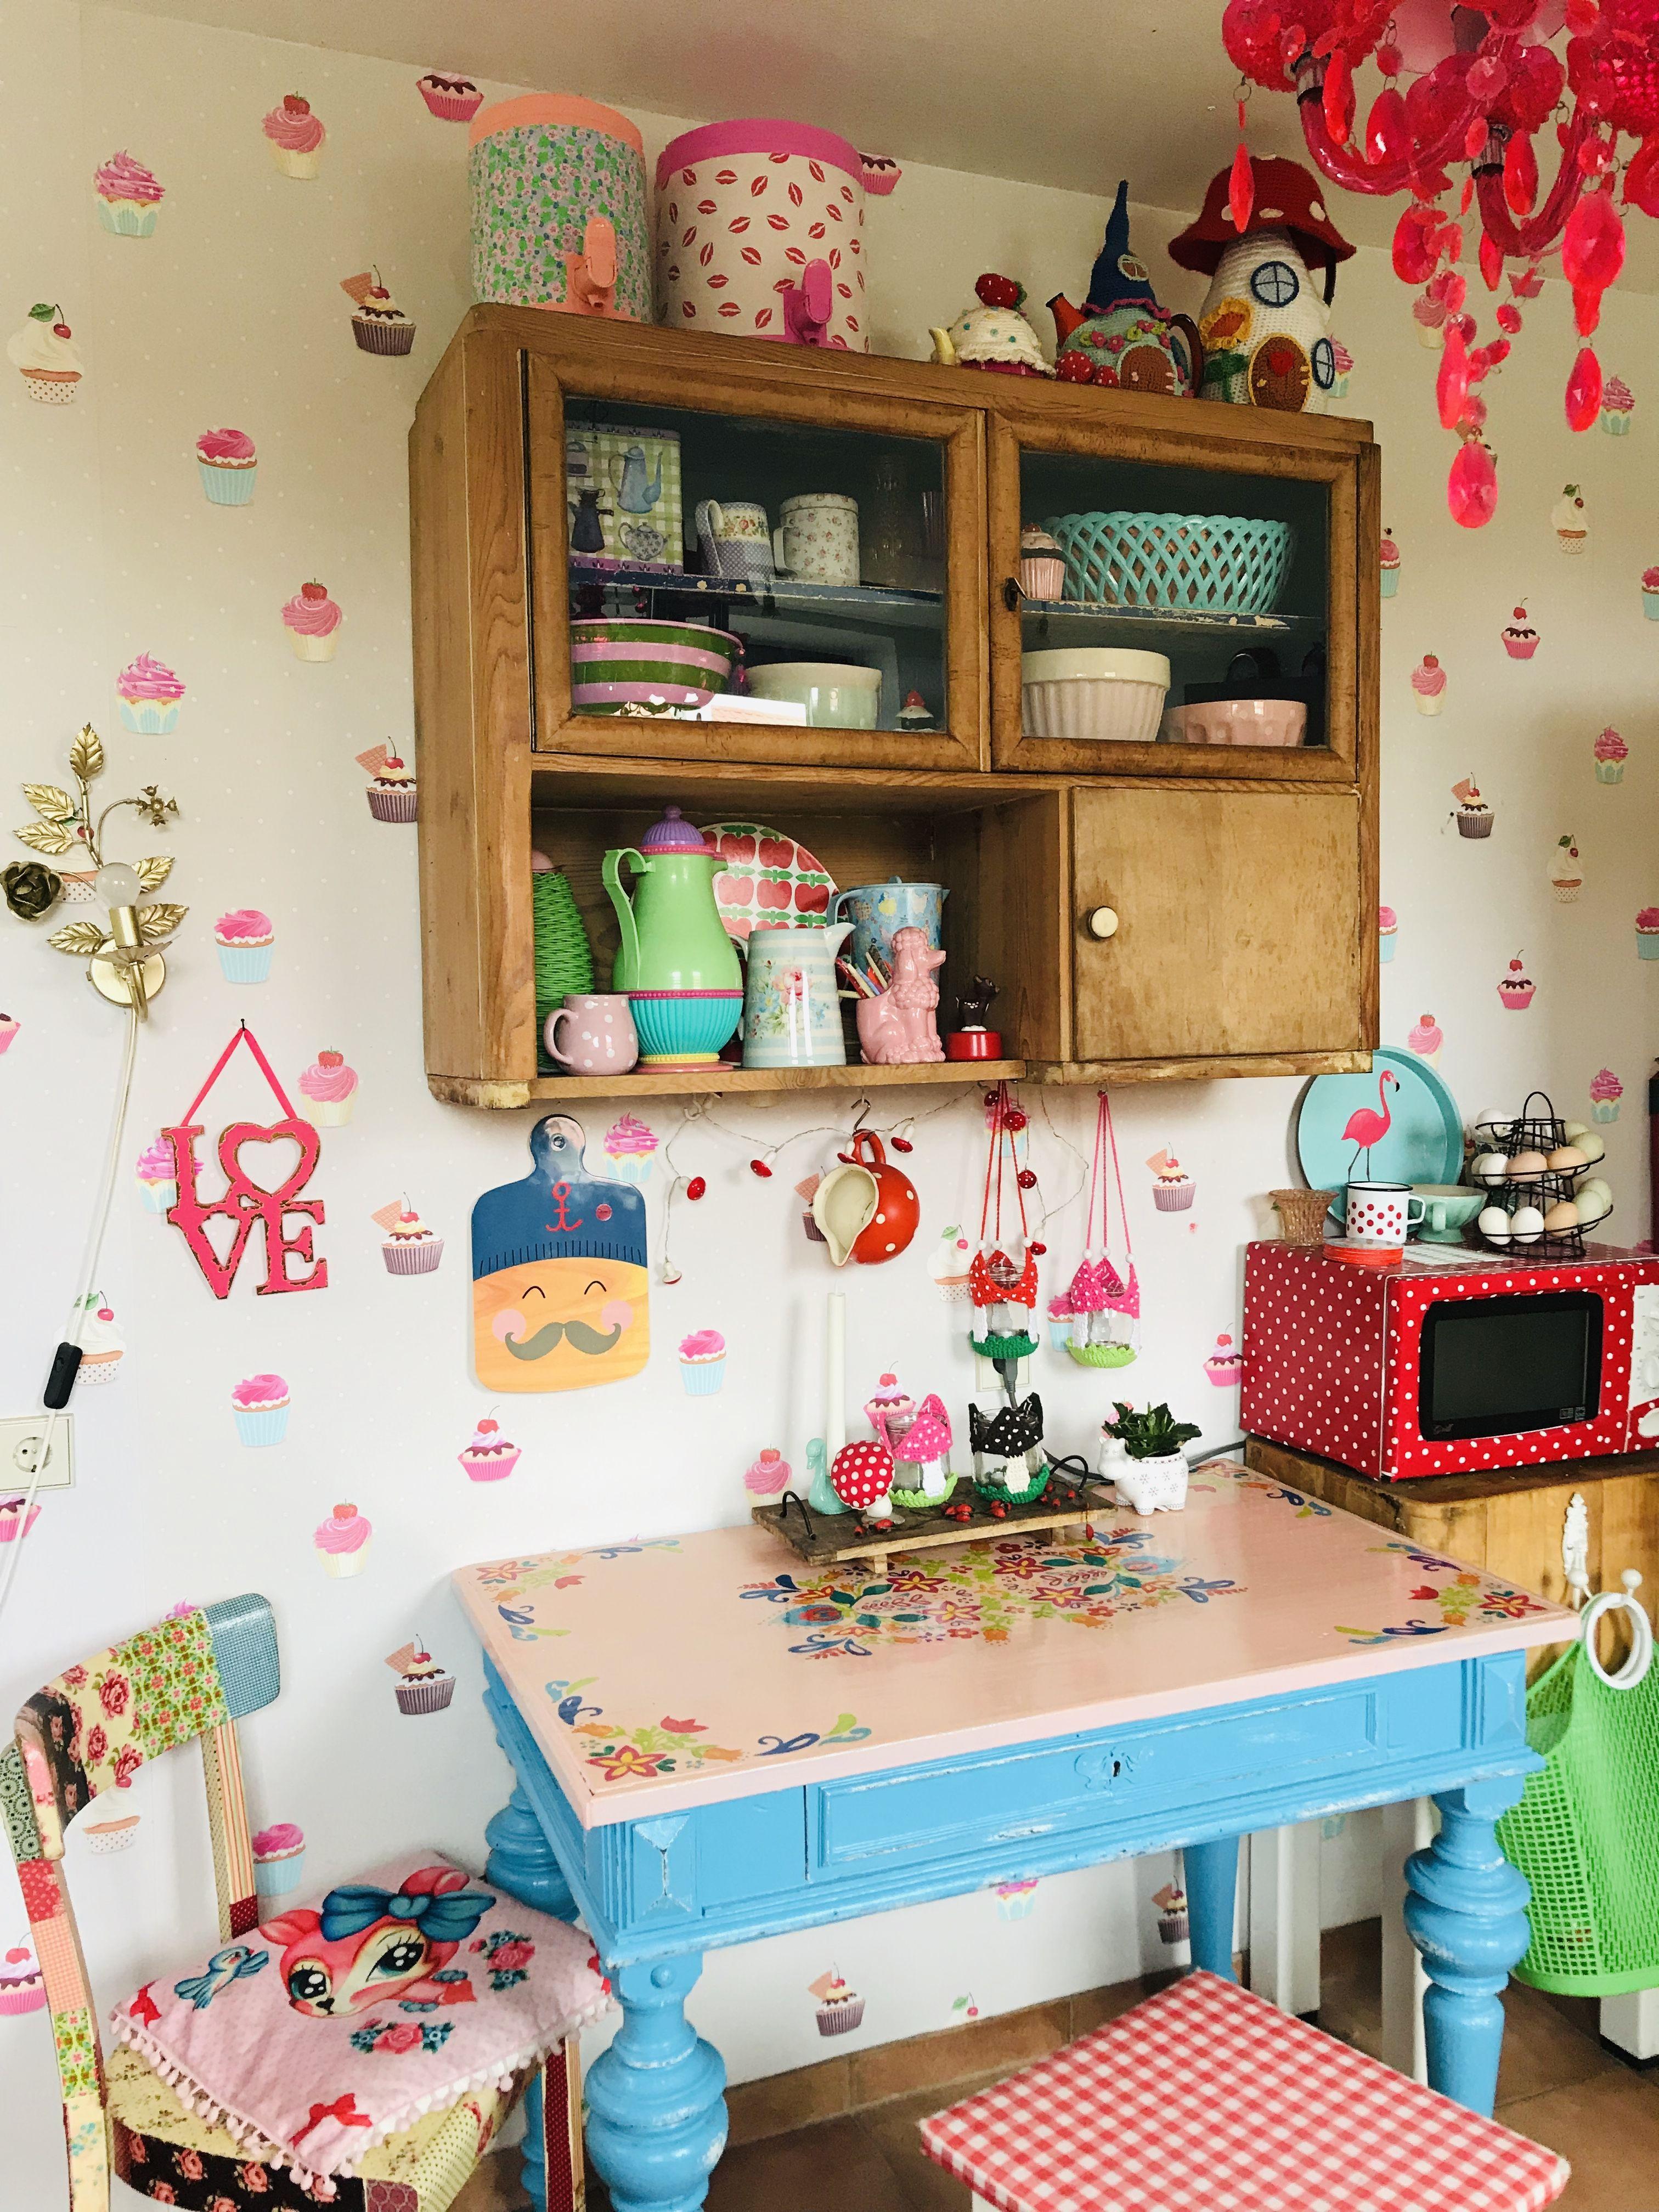 Colourful Kitchen Bunte Kuche Bunte Kuche Dekor Kuche